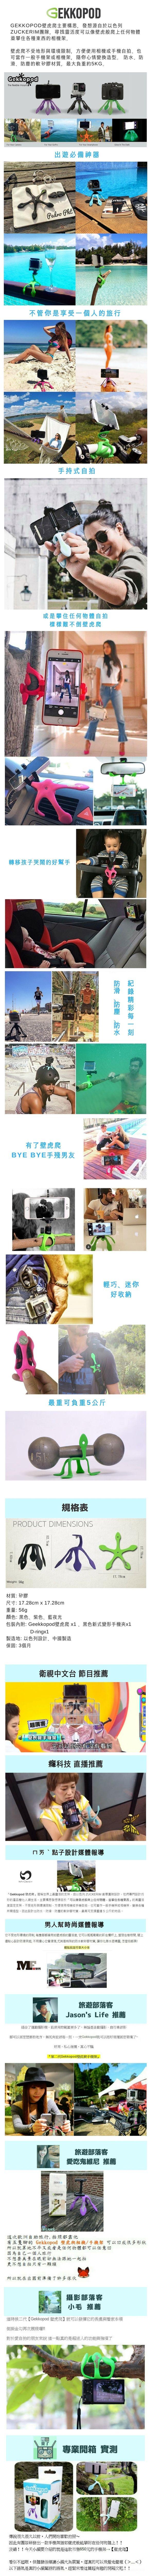 玩轉科技 Gekkopod|二代壁虎爬世界上最靈活的手機架 / 相機架 / Gopro架(4色)